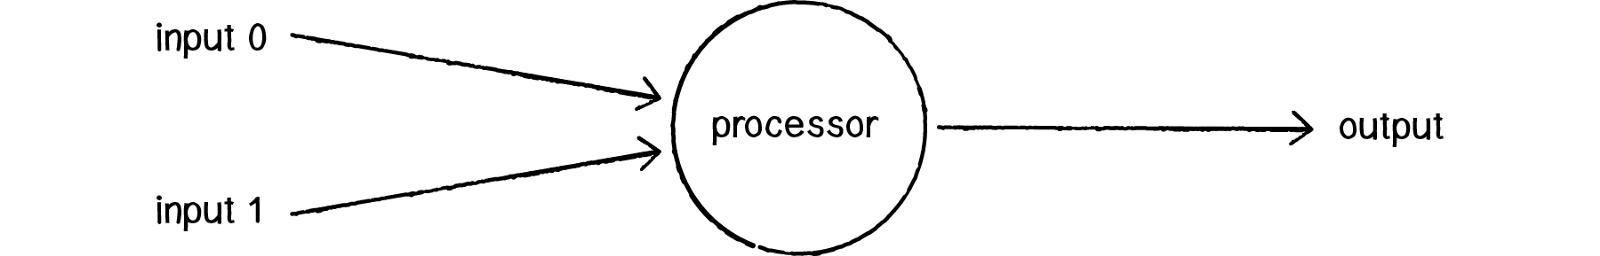 The Perceptron - Source: natureofcode.com